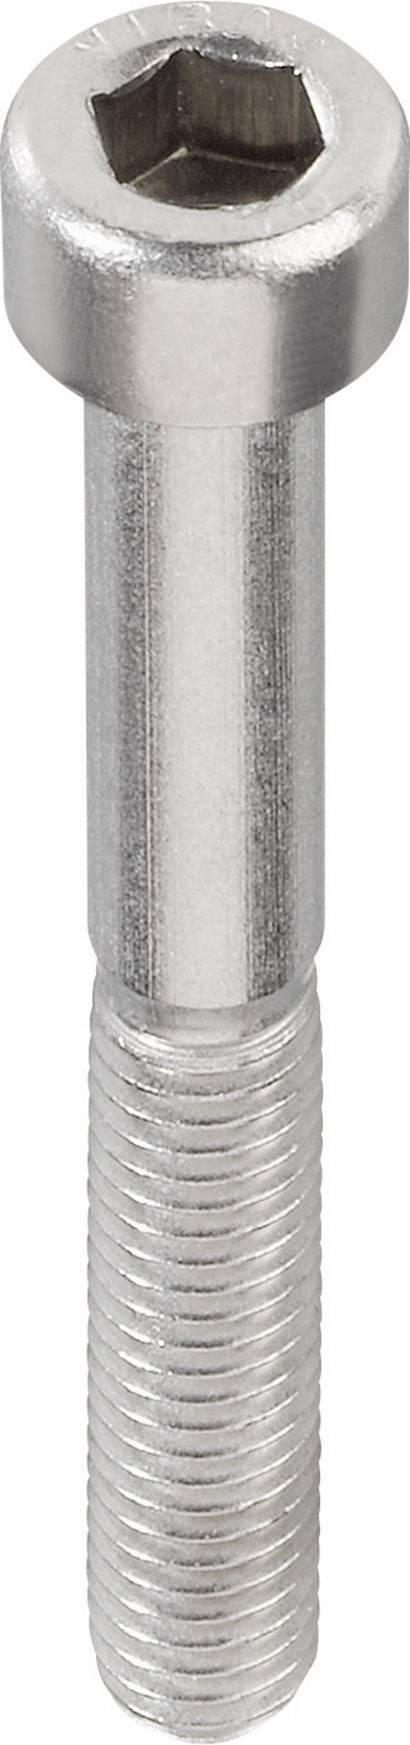 Skrutky s valcovou hlavou TOOLCRAFT 839699, DIN 912, M2.5, 20 mm, ušľachtilá oceľ, 20 ks